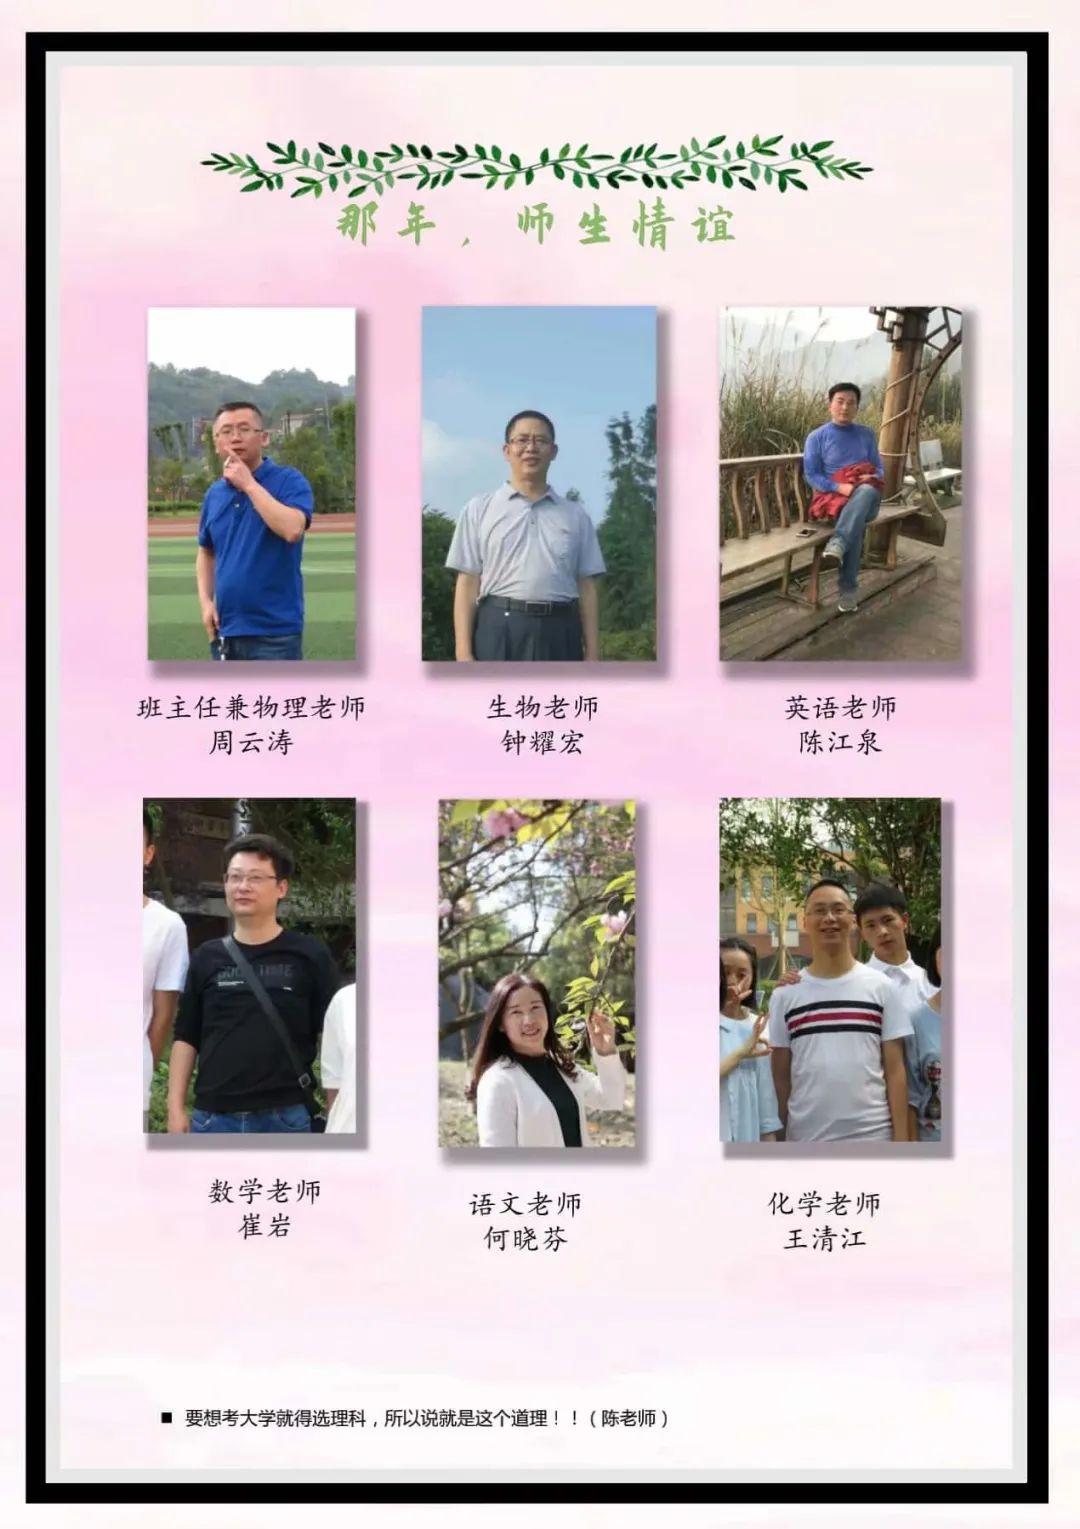 再见,云涛之家—叙永三中17级10班毕业纪念 叙永三中 第8张